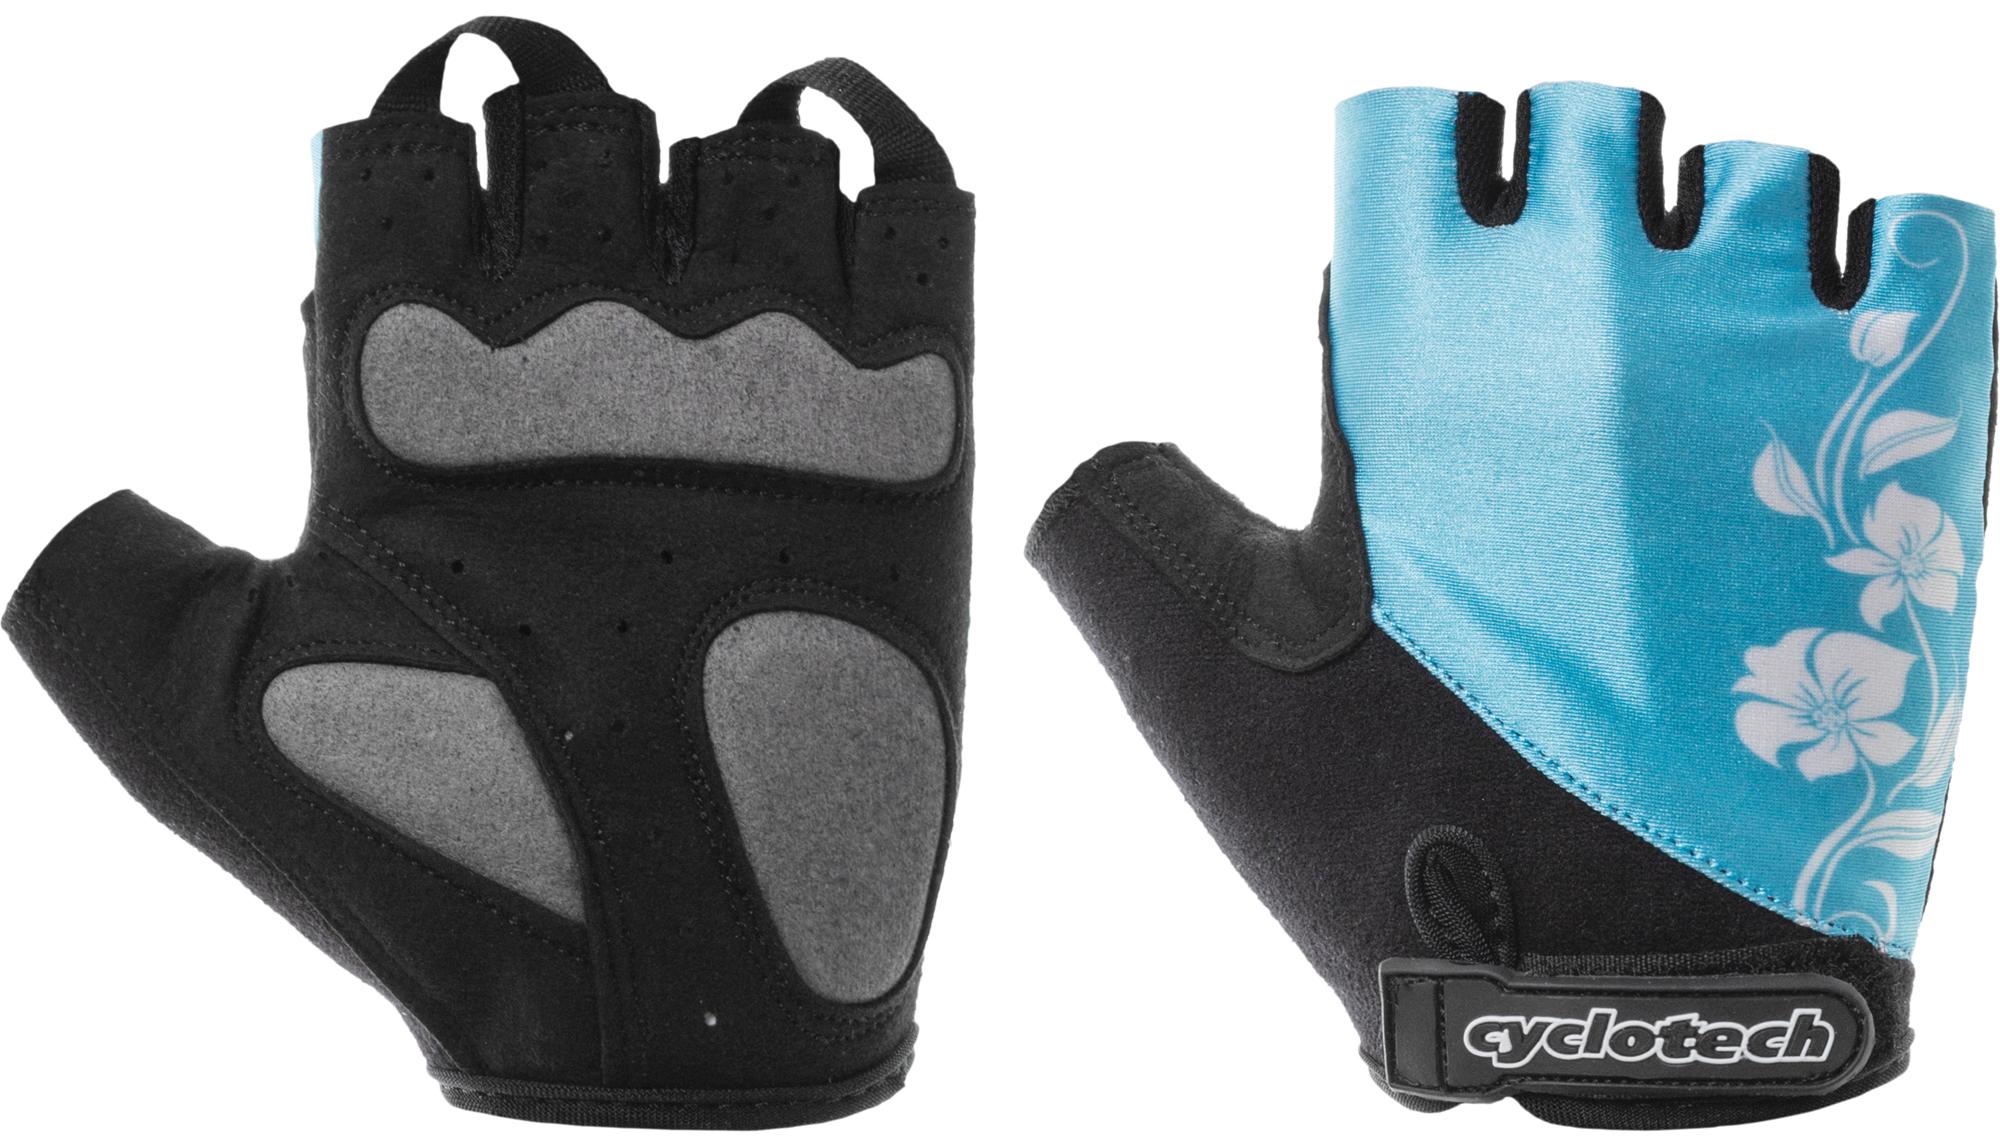 Cyclotech Велосипедные перчатки Cyclotech Canna cyclotech перчатки велосипедные cyclotech pilot